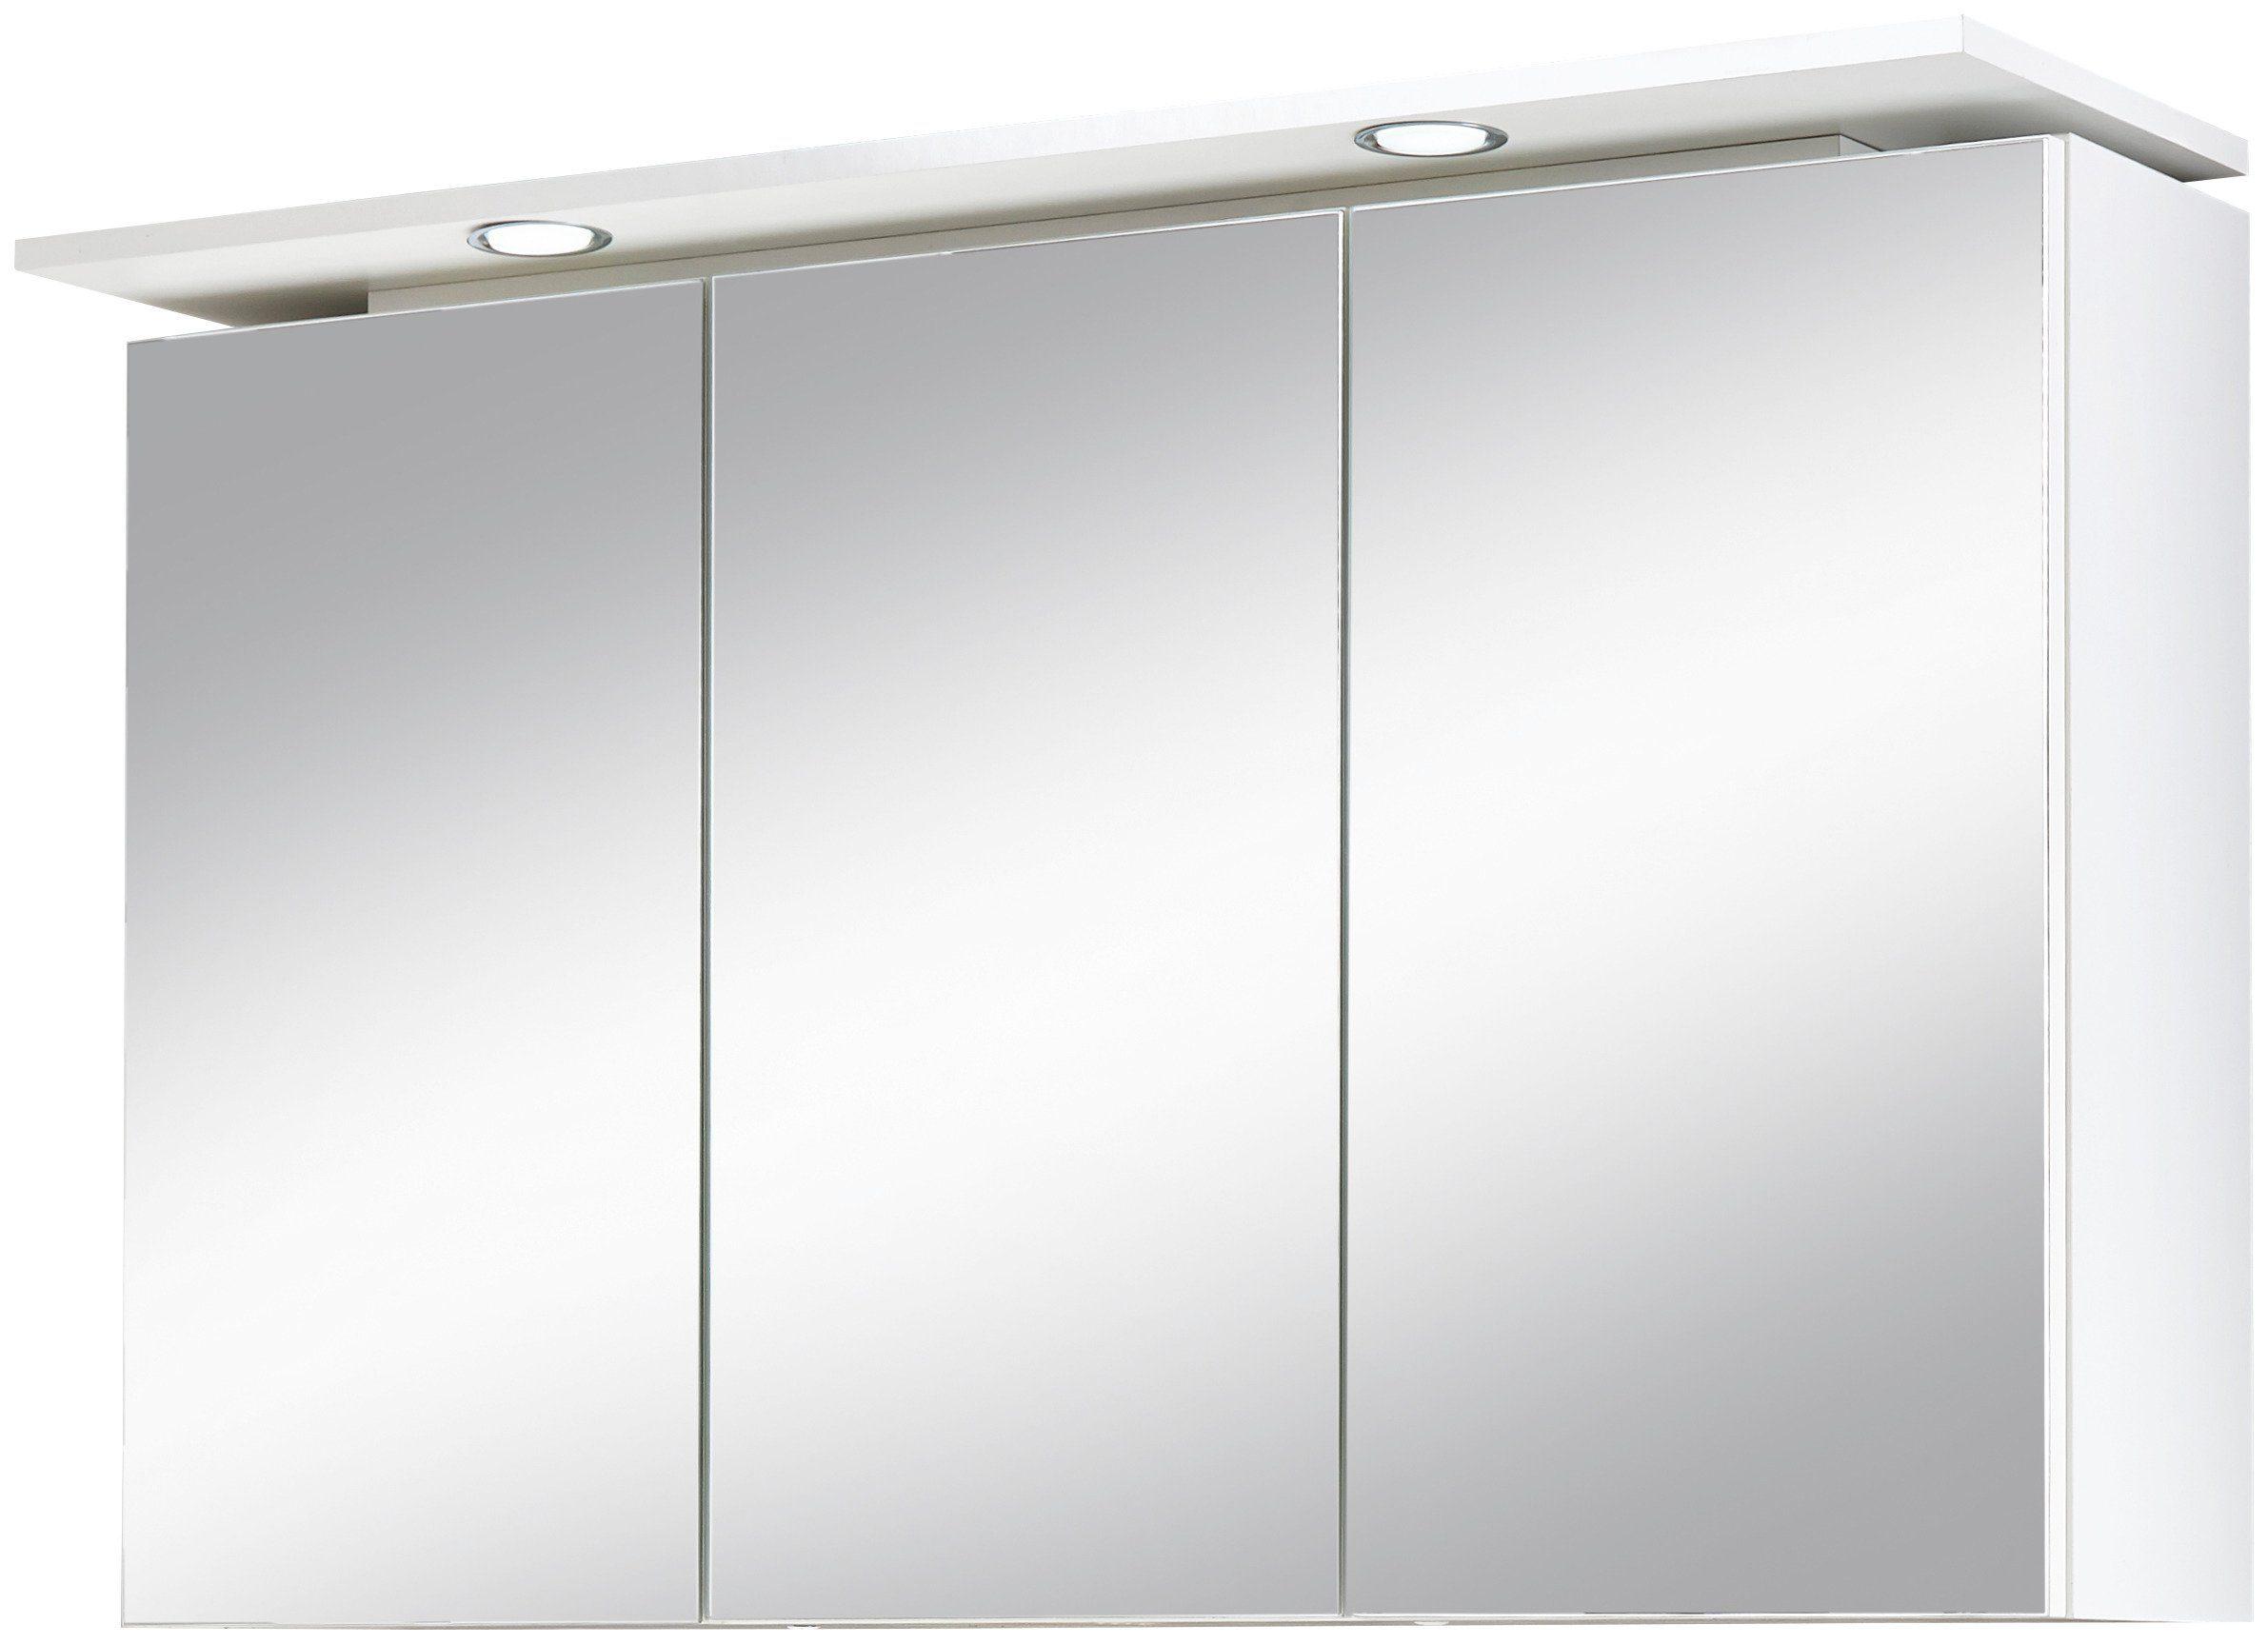 Kesper Spiegelschrank »Lugo« Breite 100 cm, mit LED-Beleuchtung